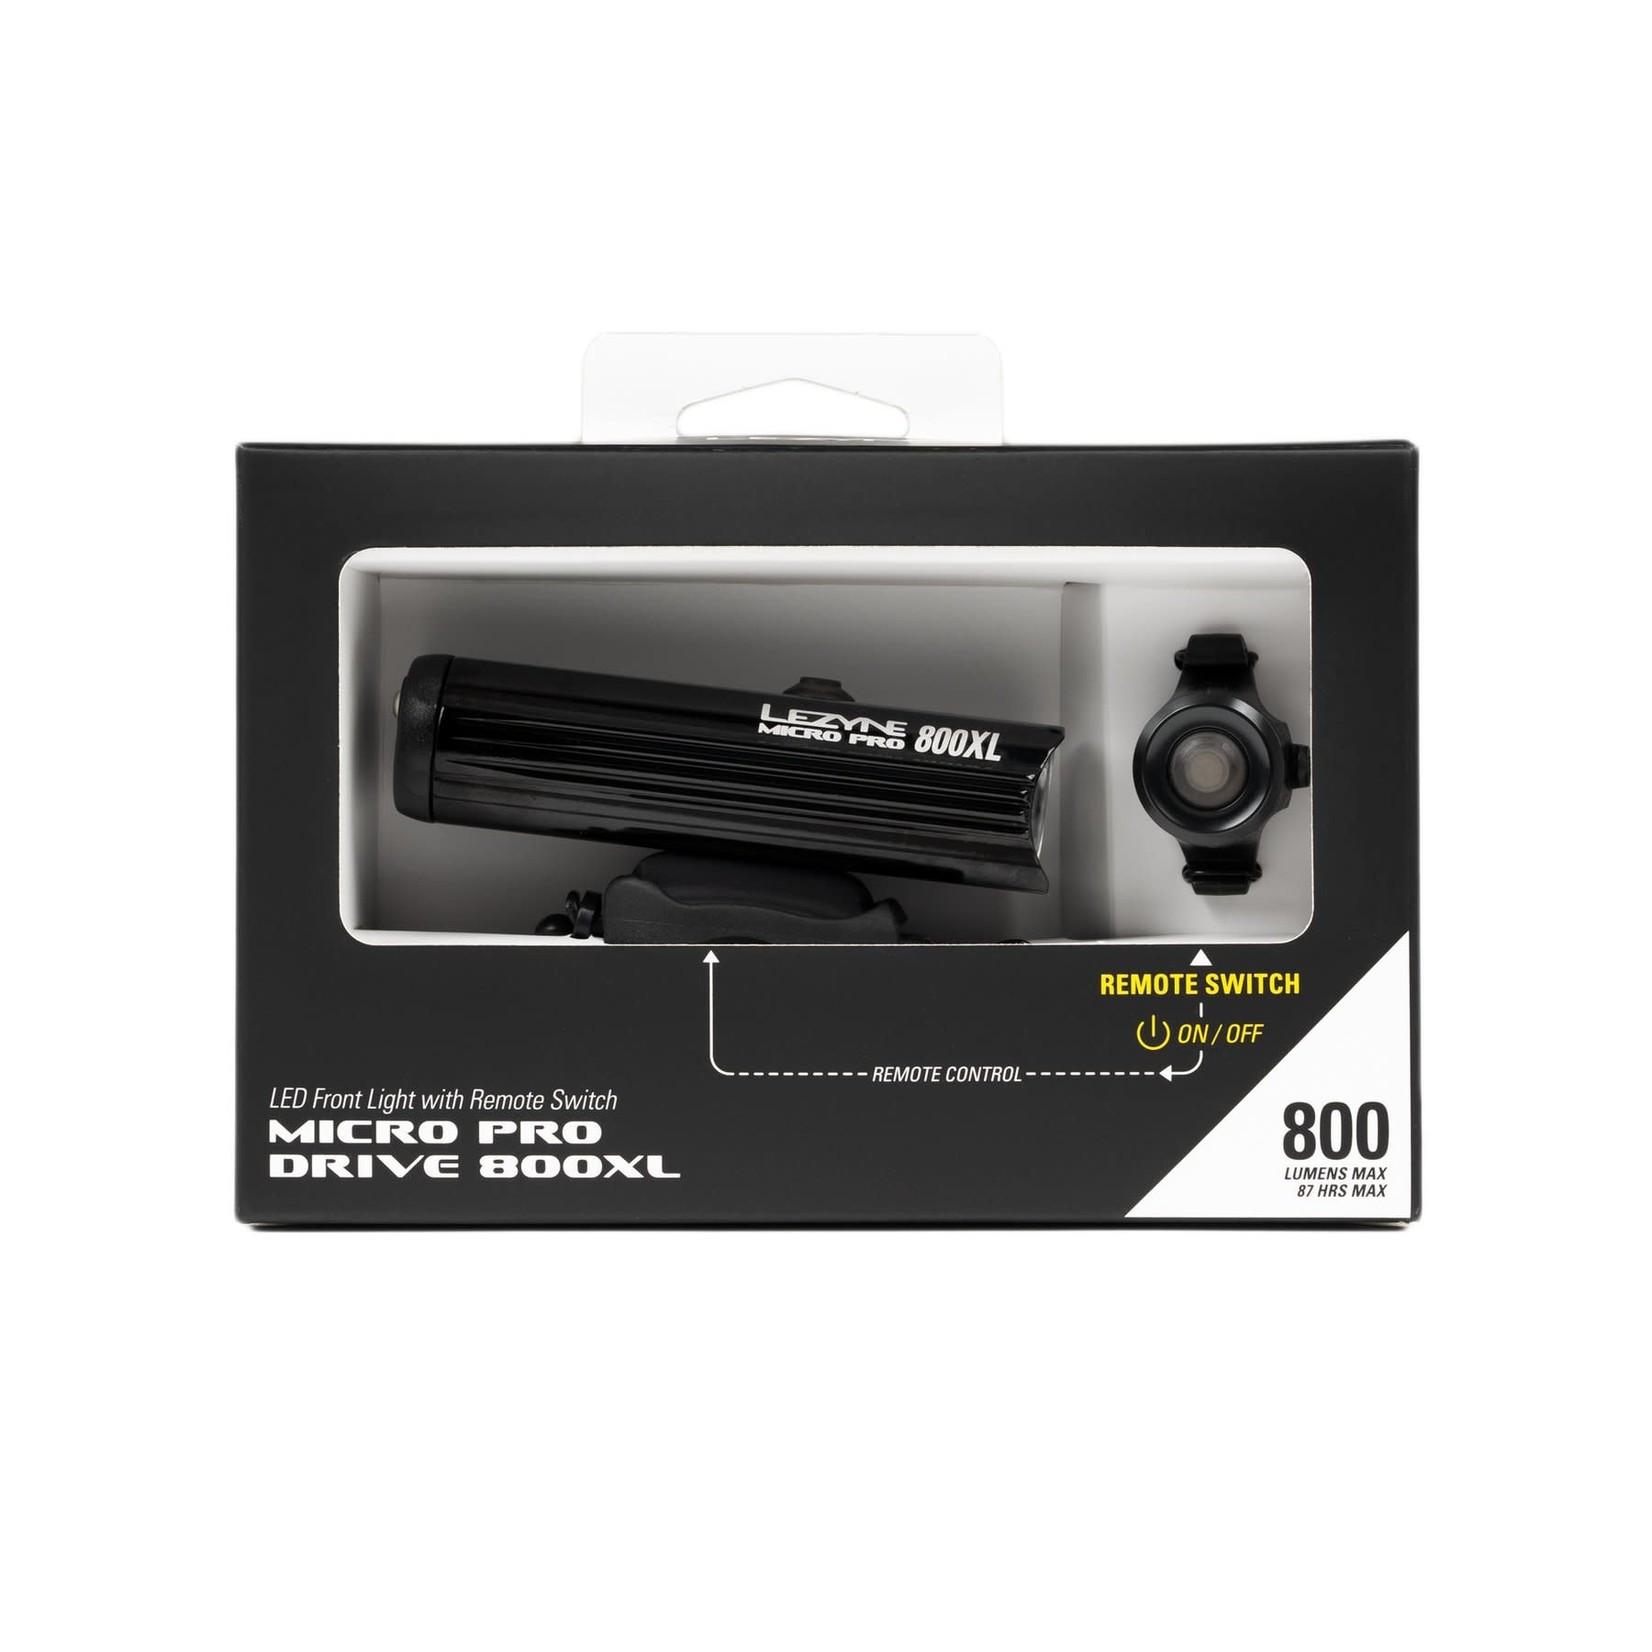 Micro Drive Pro 800XL Remote Loaded